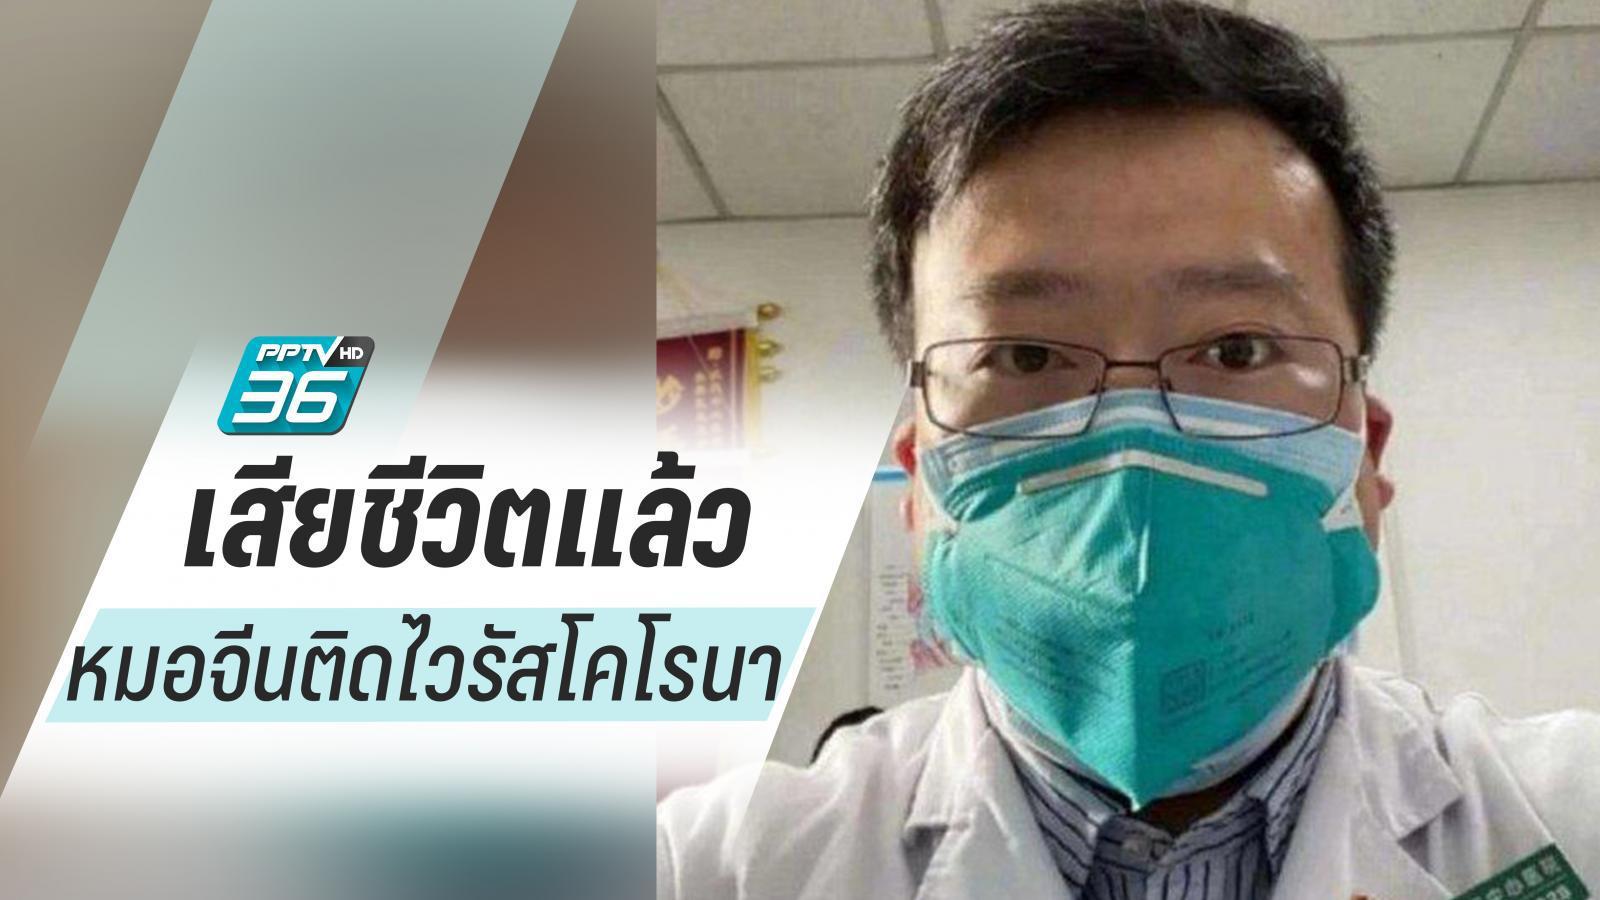 สำนักข่าวตปท. เผยหมอจีนติดไวรัสโคโรนาเสียชีวิตแล้ว